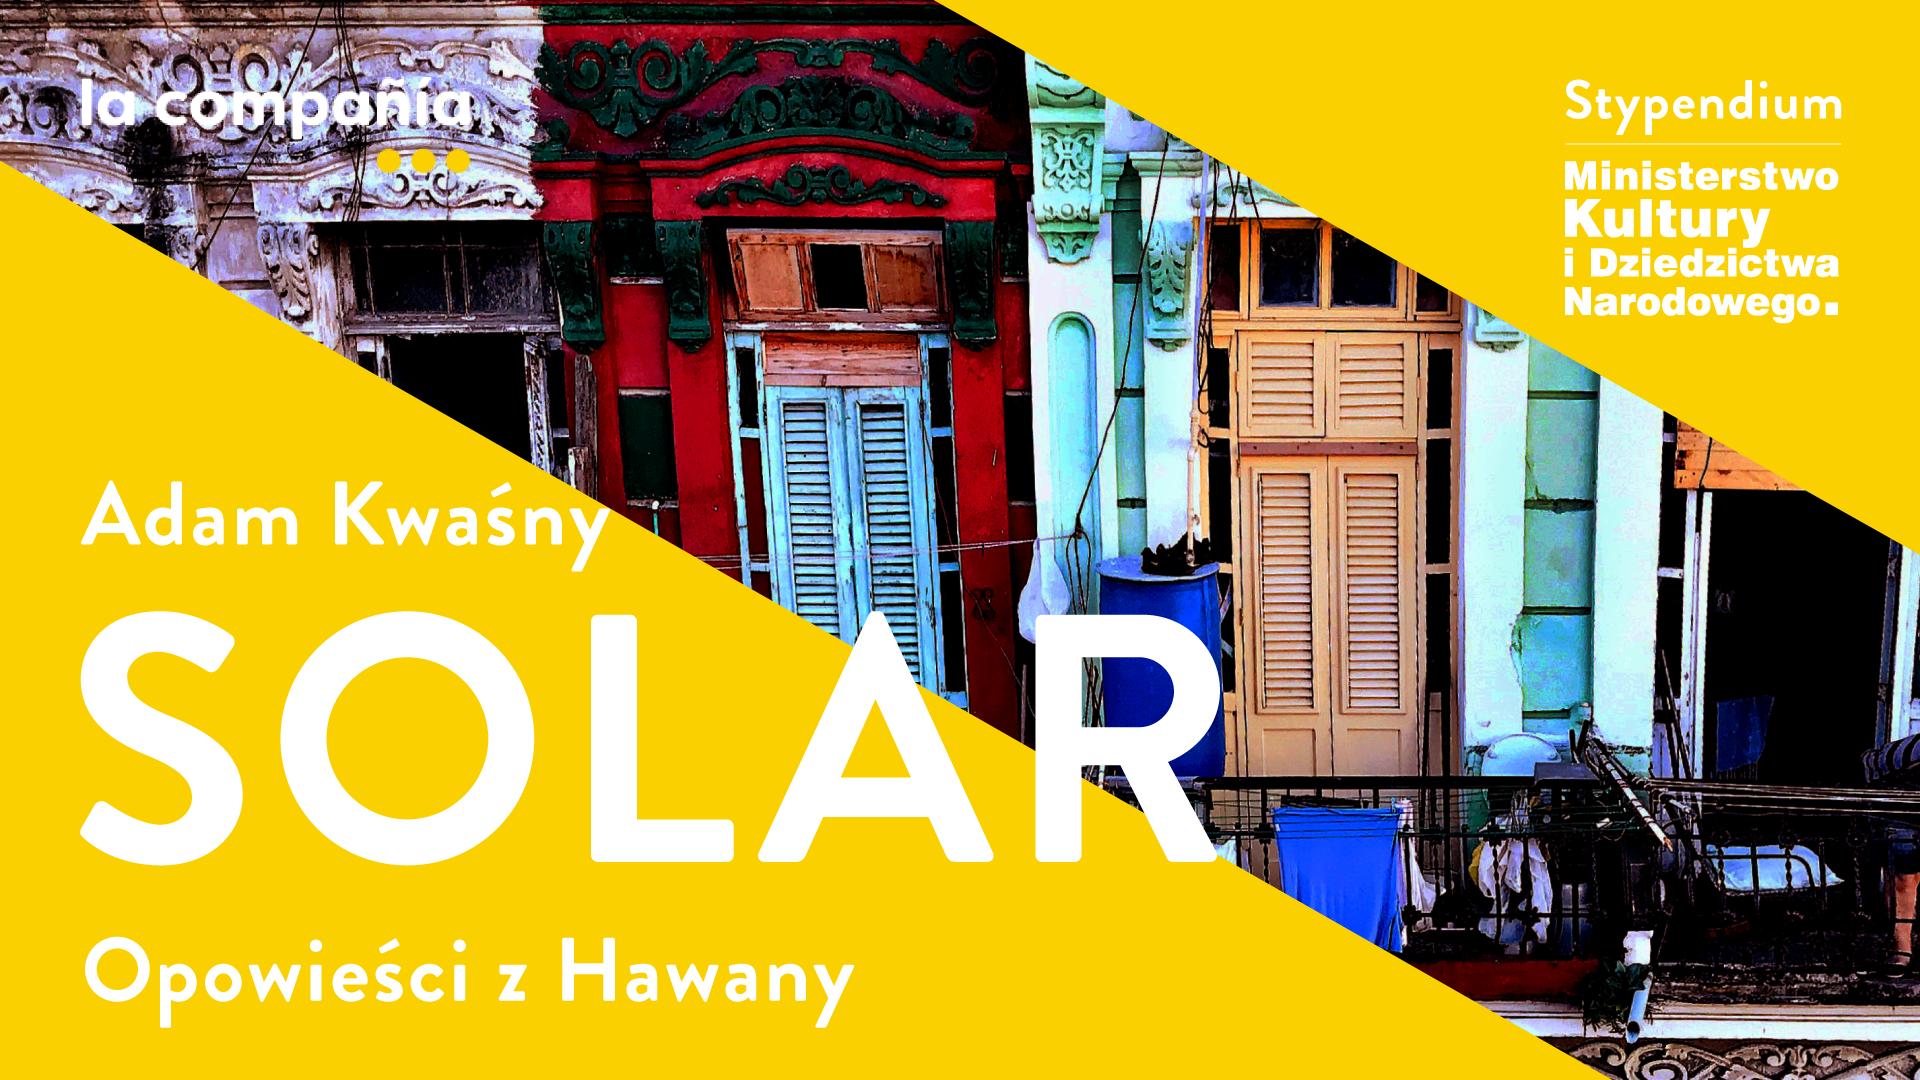 SOLAR Opowieści z Hawany. Prolog